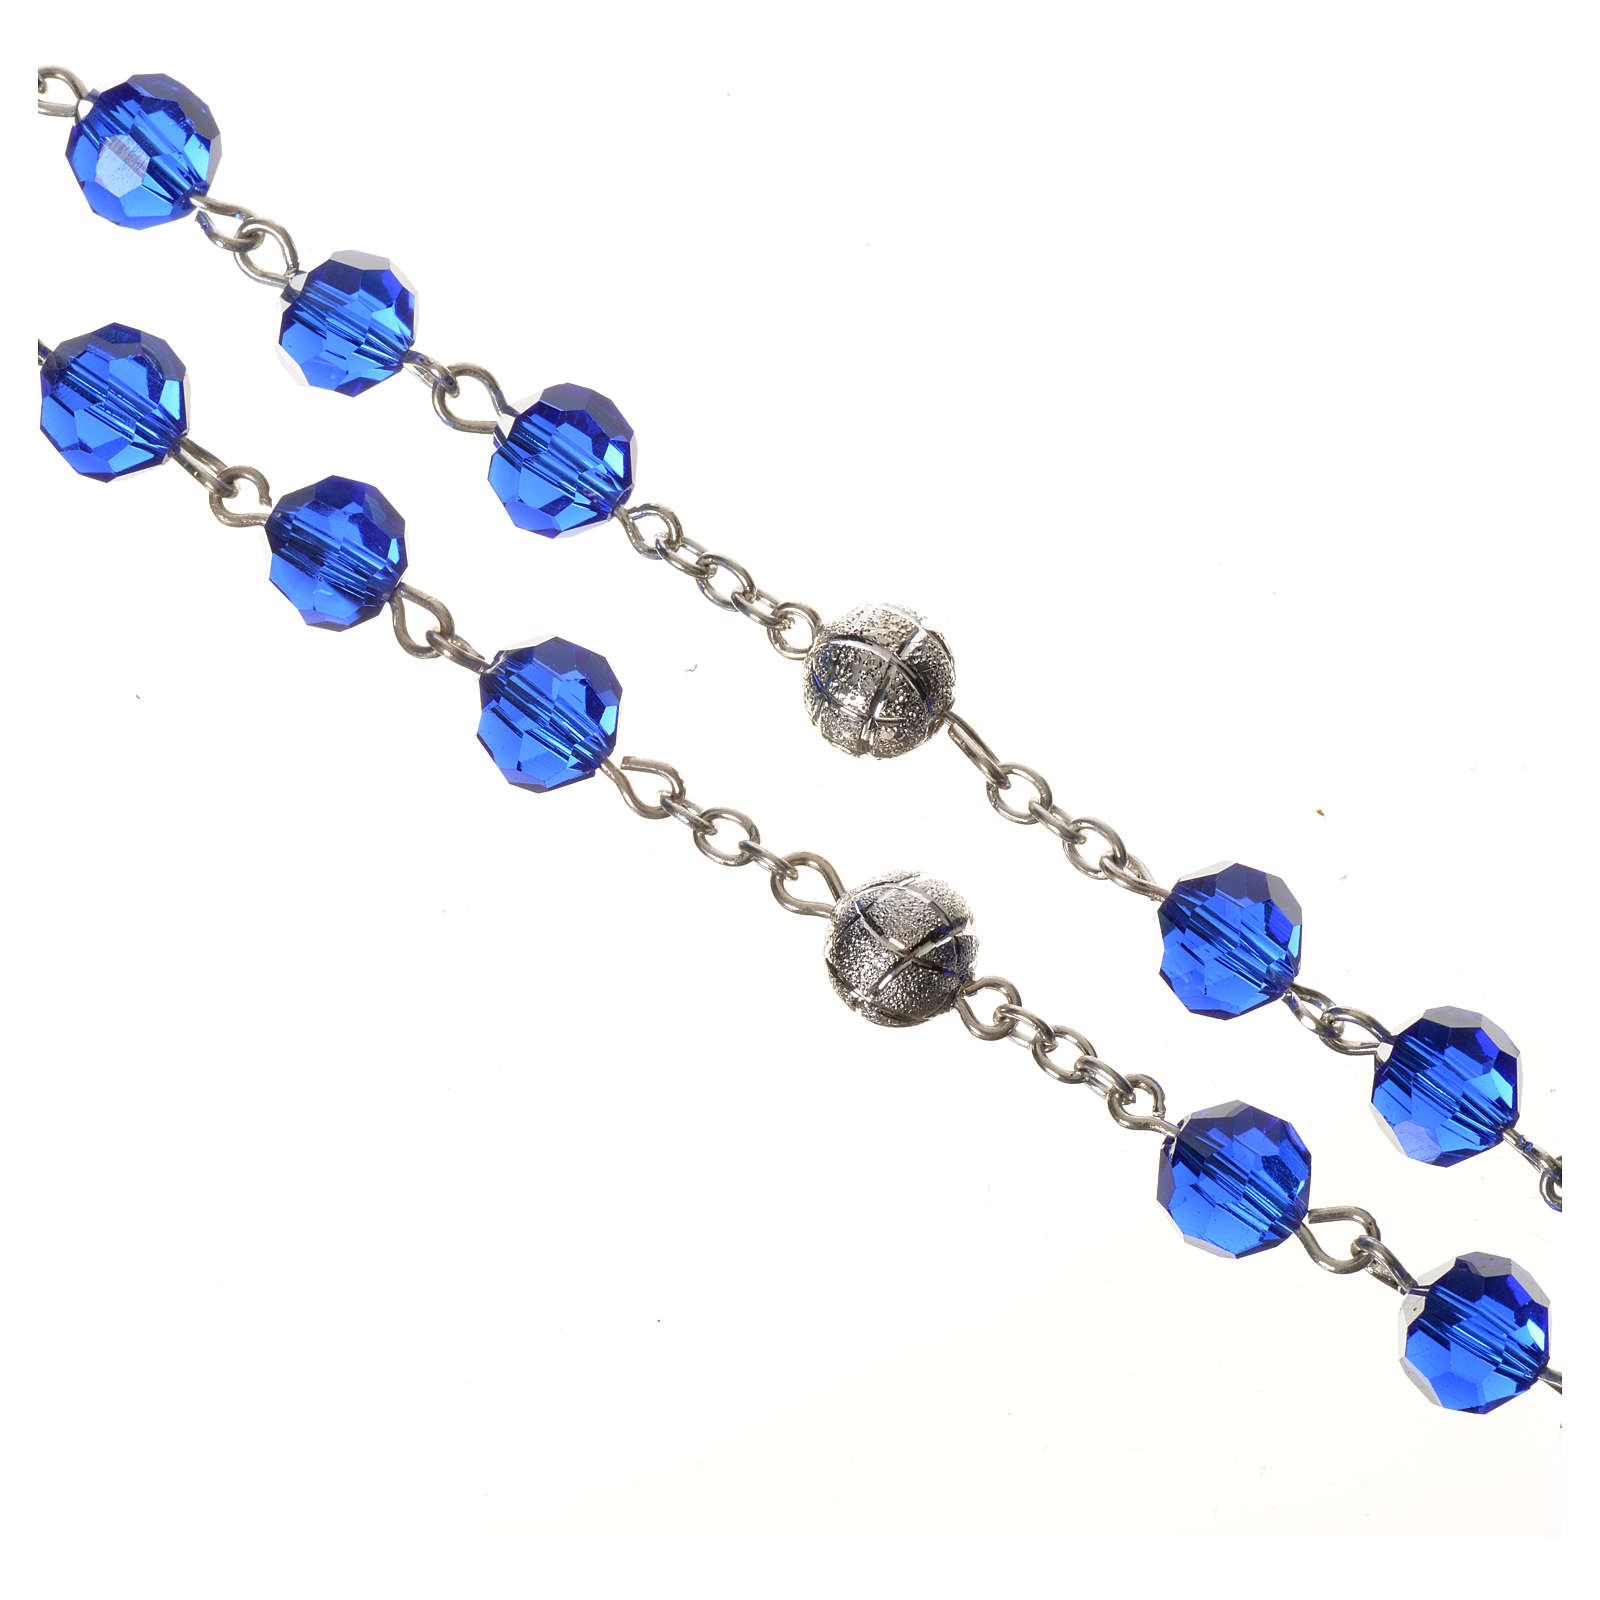 Rosario Cristallo 8 mm blu 4